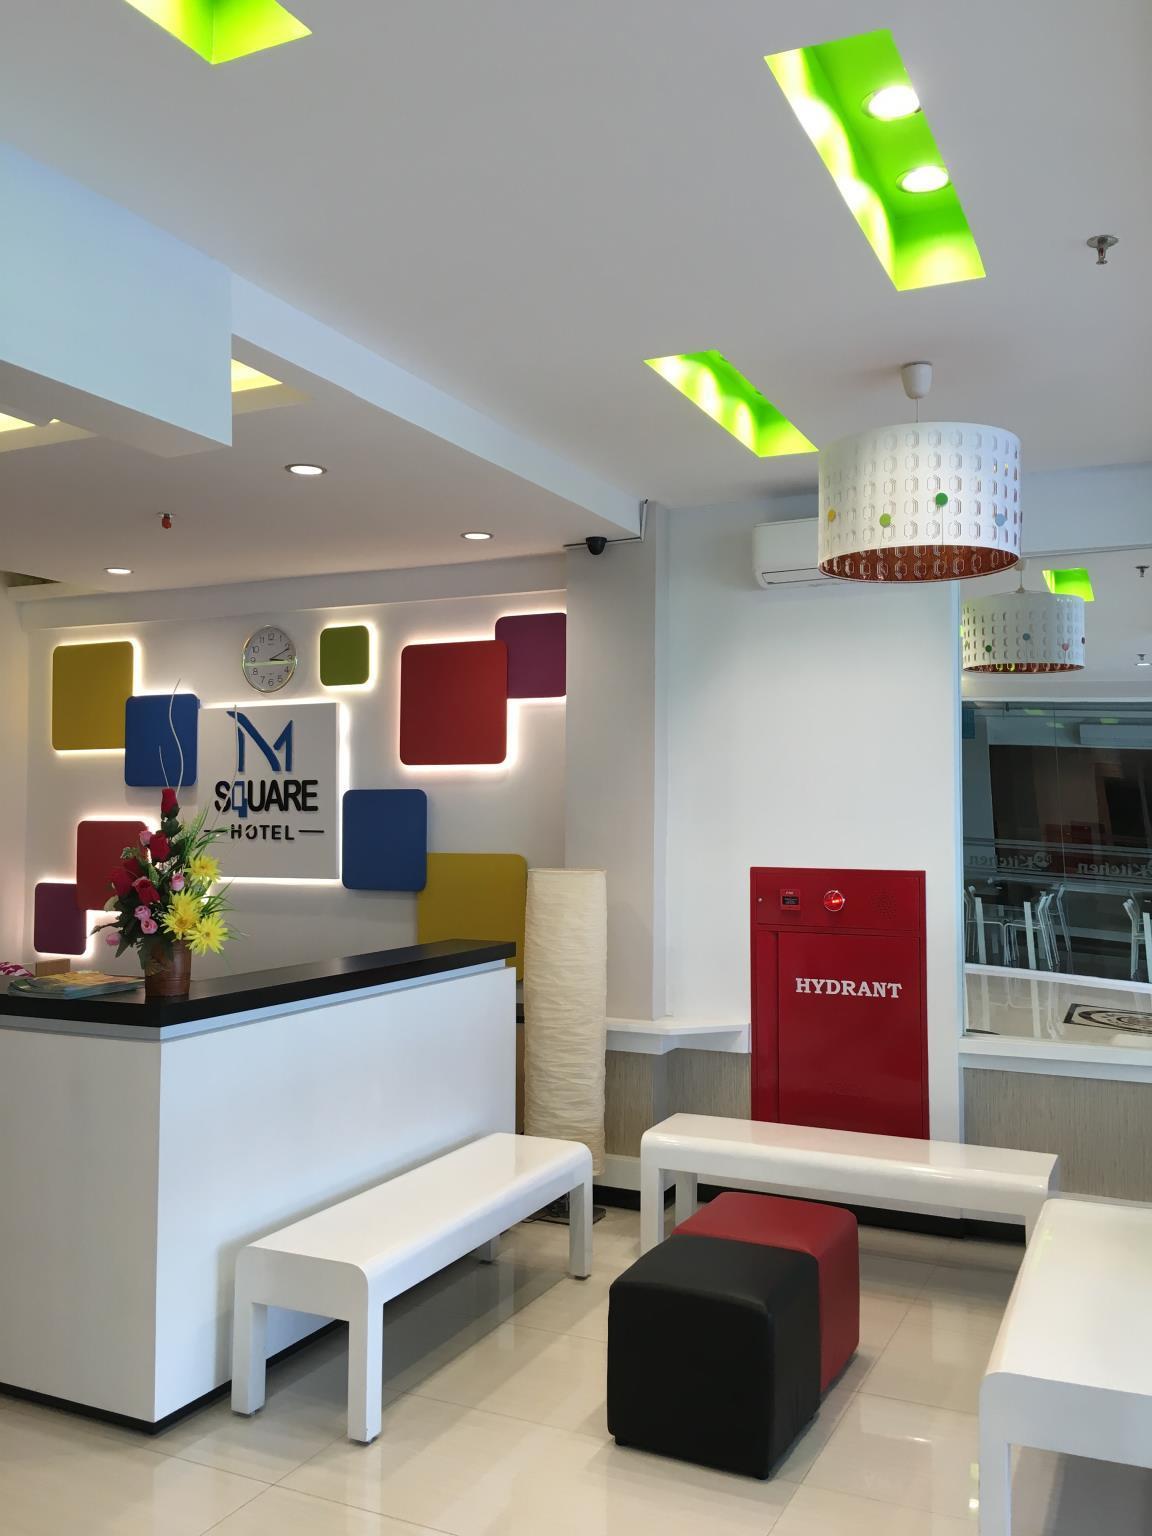 Msquare Hotel